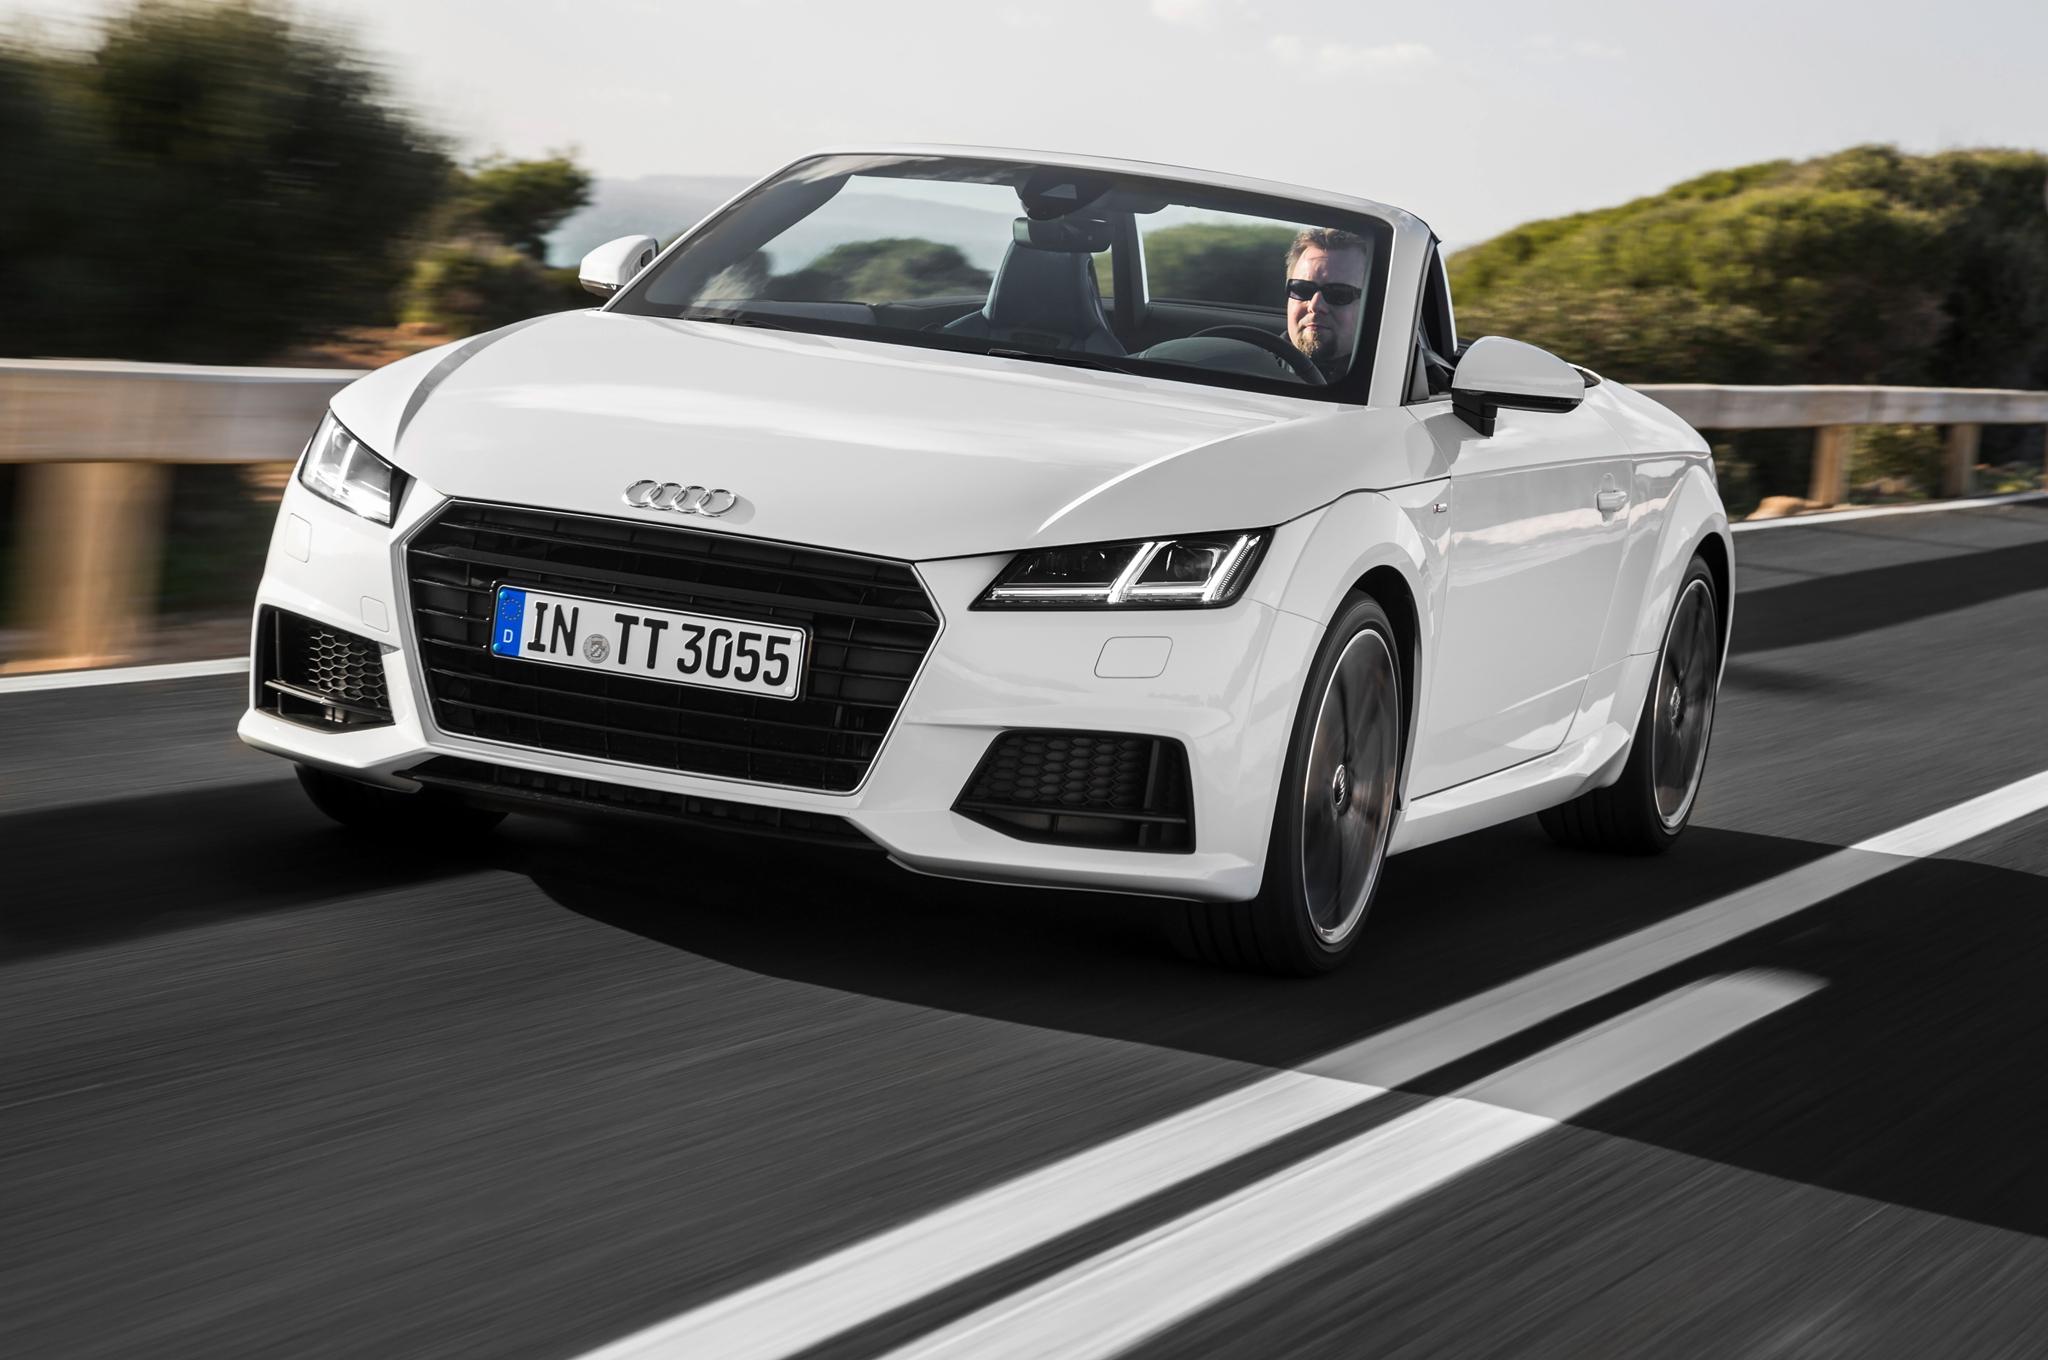 Audi Tt Roadster Wallpapers Hd